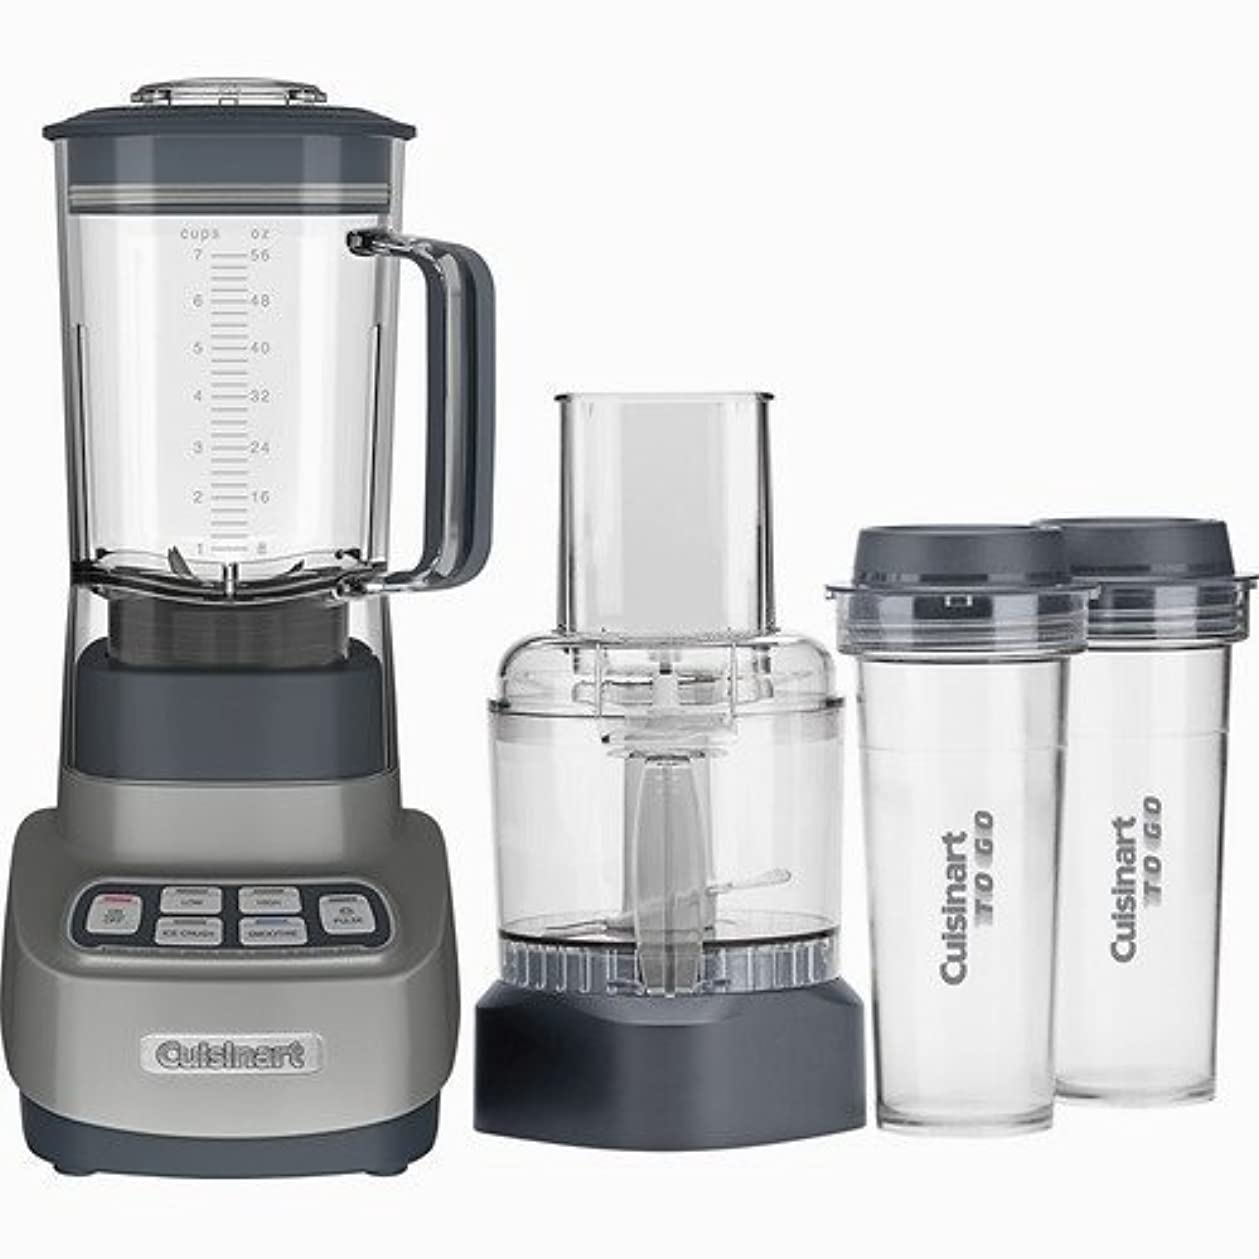 陽気な安全性恐れCuisinart BFP-650GM Velocity Ultra Trio 1 HP Blender/Food Processor with Travel Cups, Silver [並行輸入品]